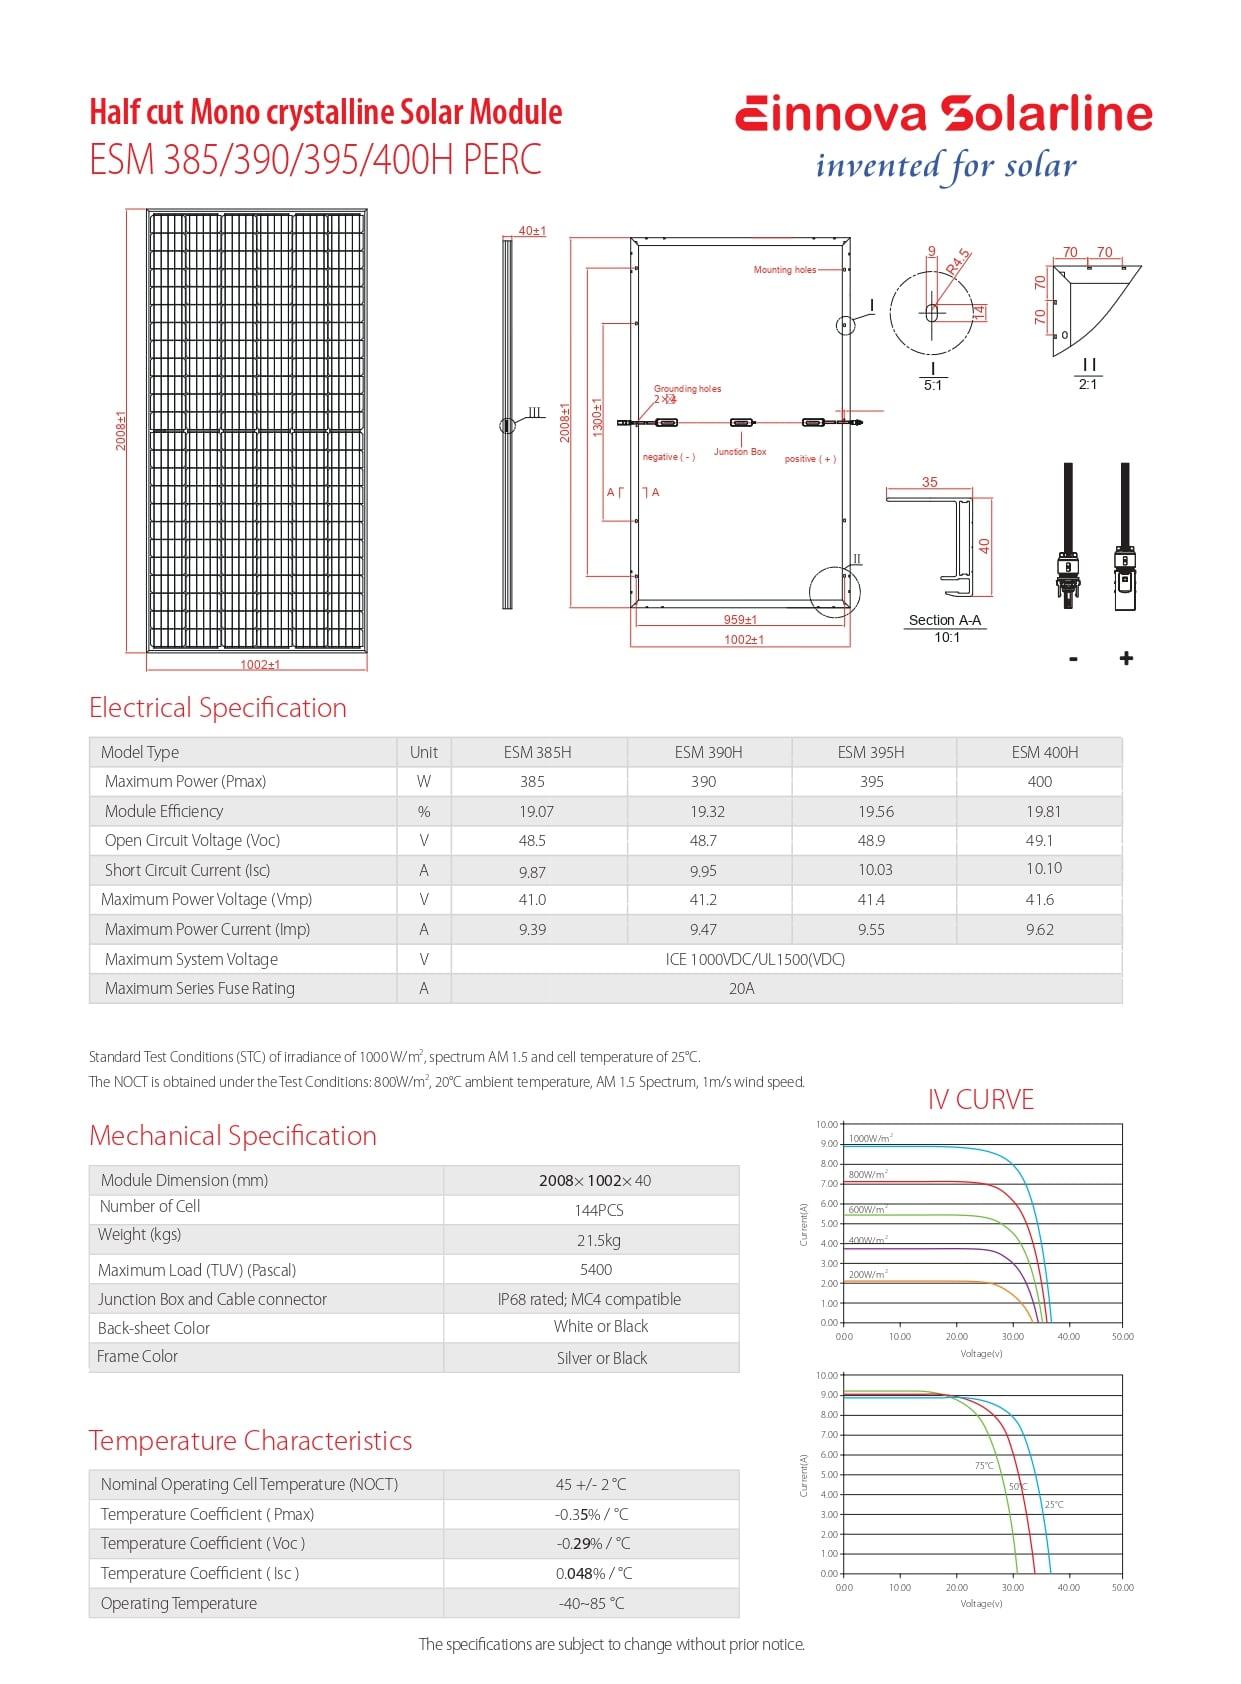 ESM 385/390/395/400H PERC PDF | Sernolux.com